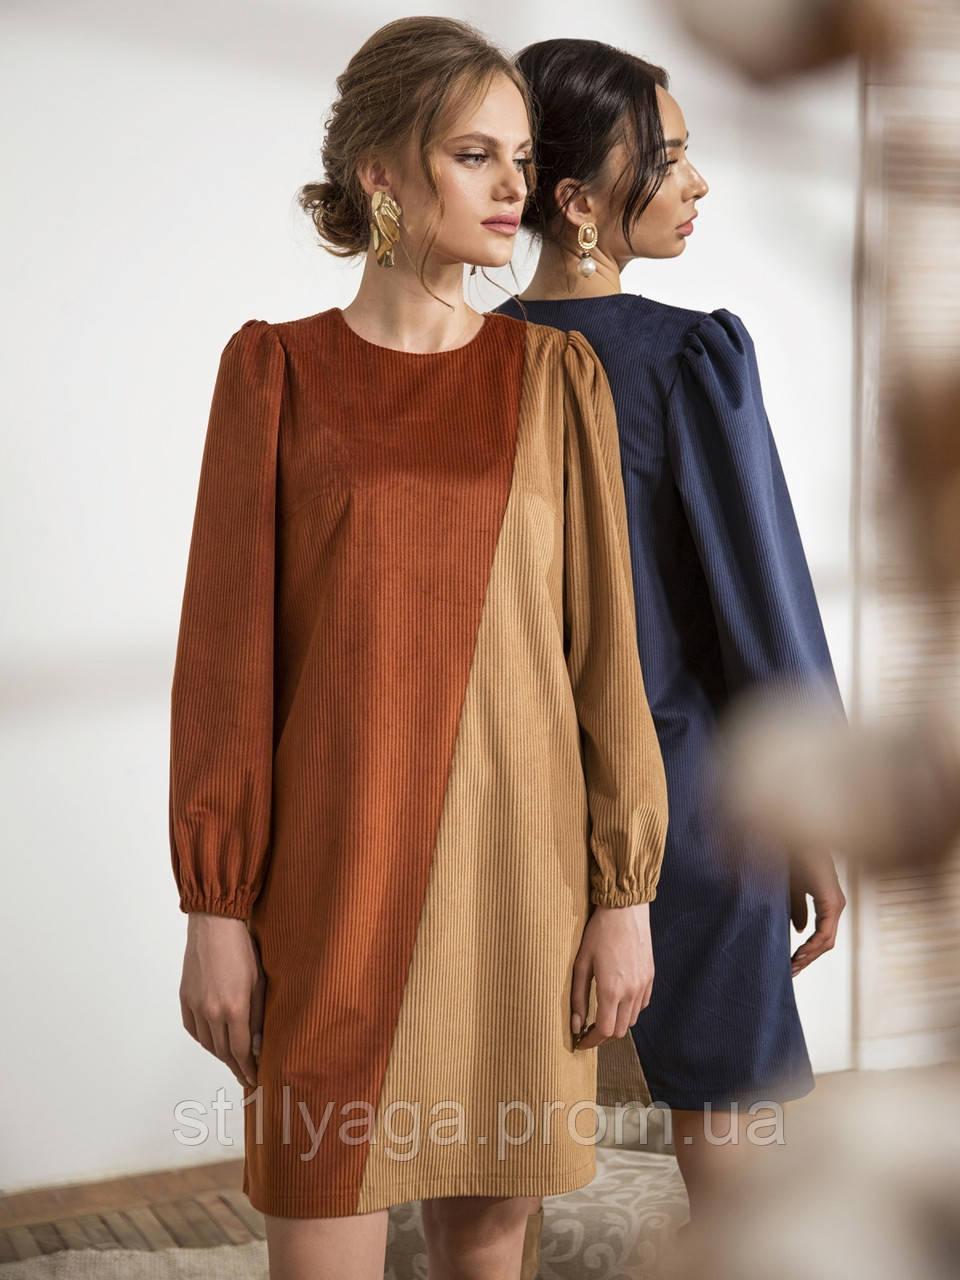 Оригинальное вельветовое платье прямого кроя двухцветное